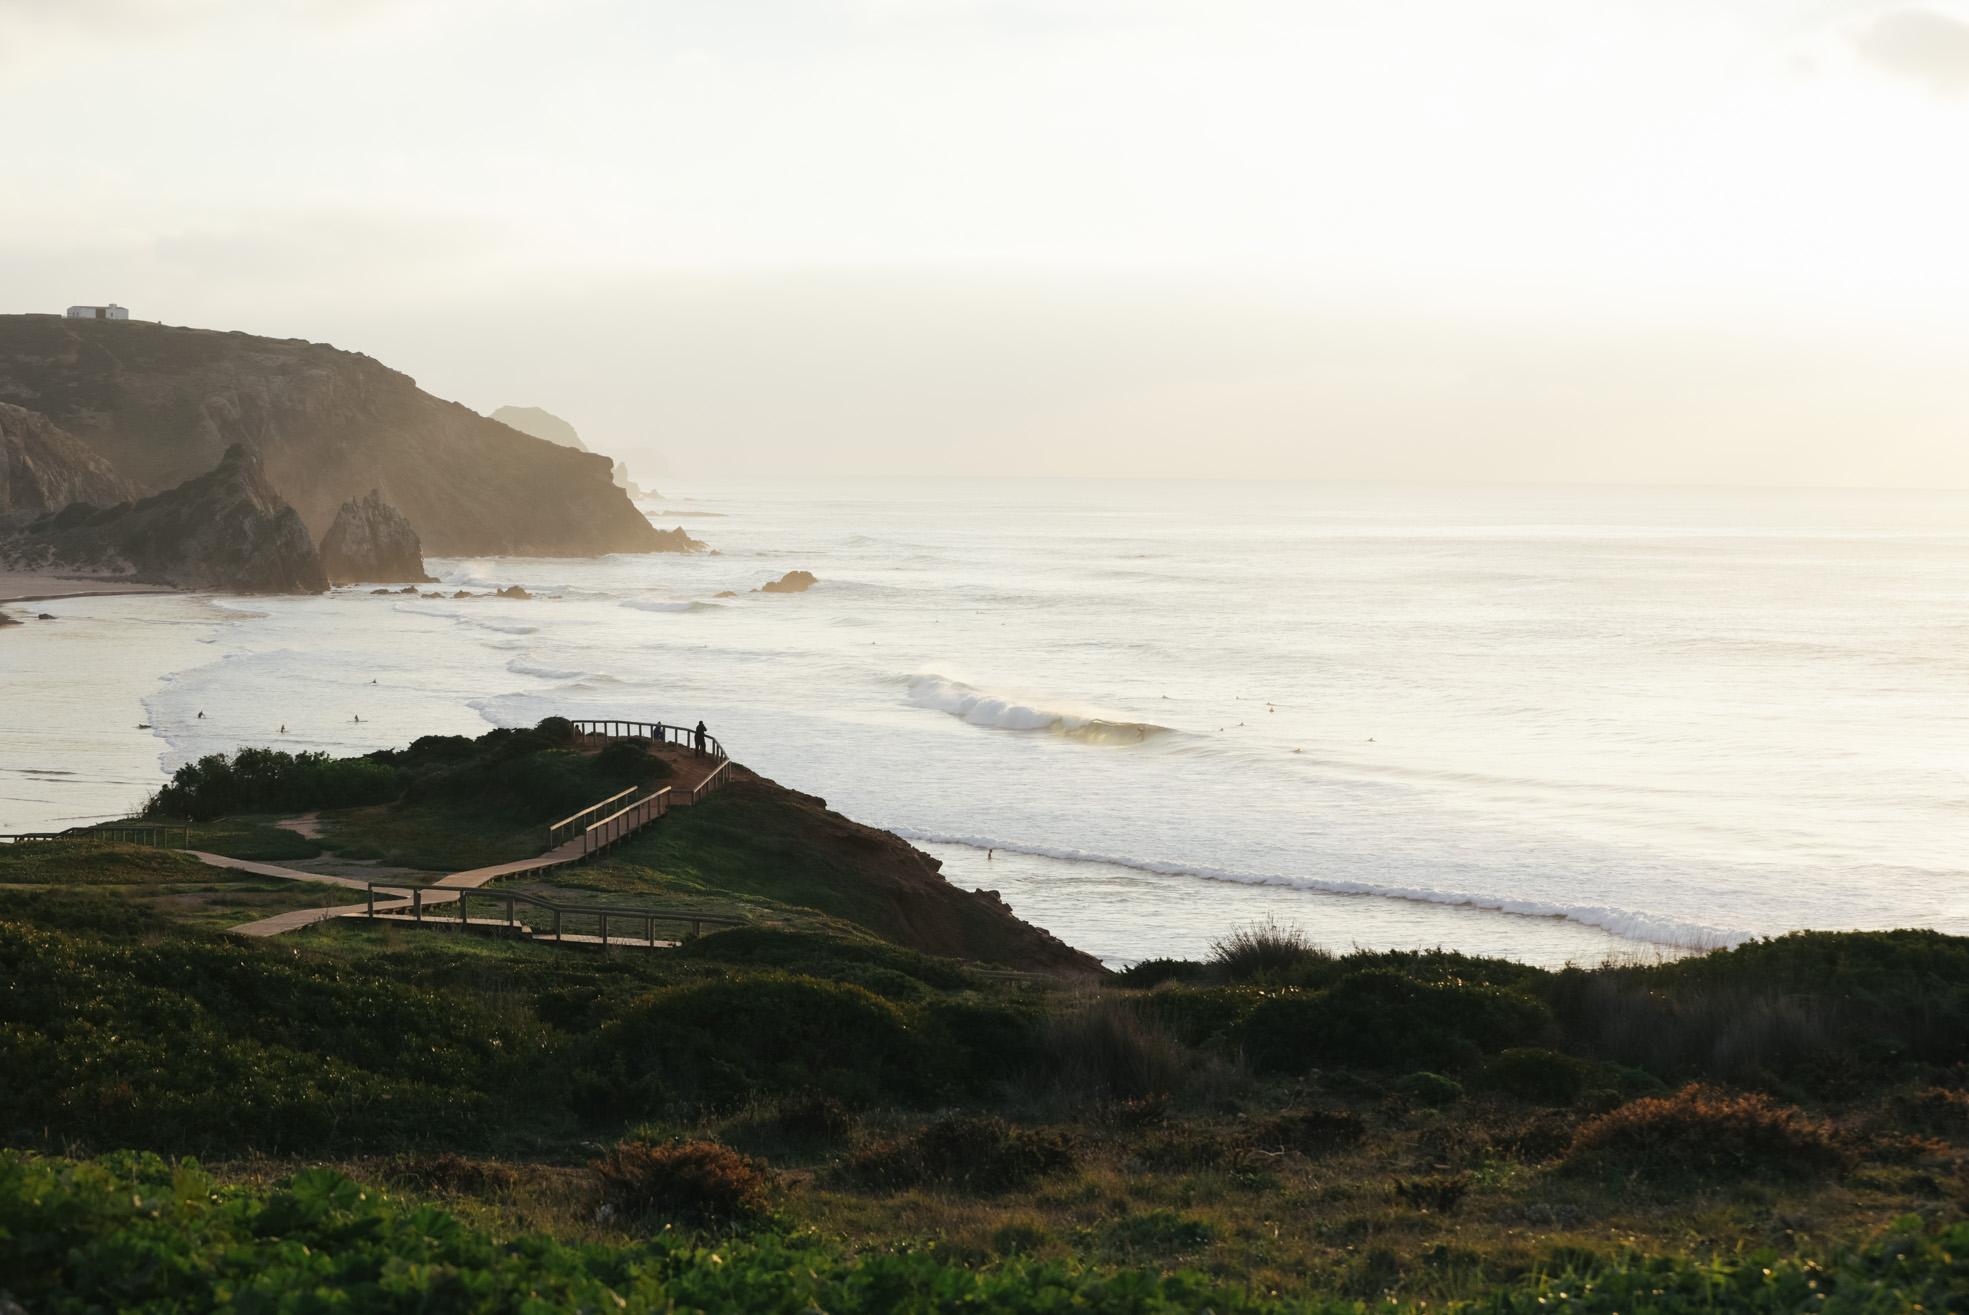 Plage de surf magnifique au Portugal